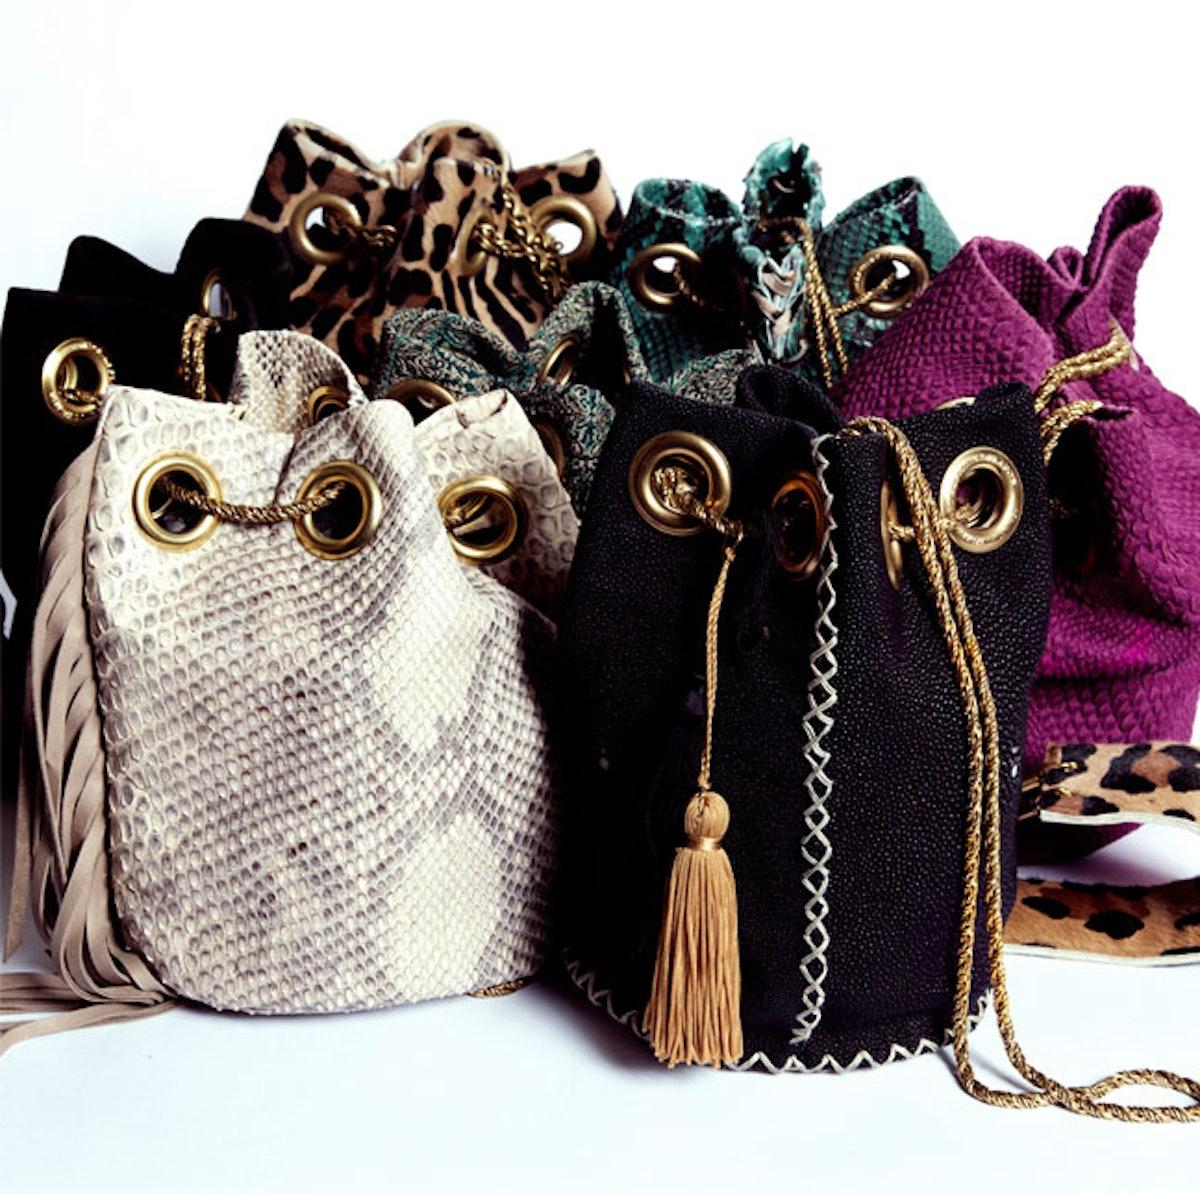 acar-Delphine-Delefon-bags